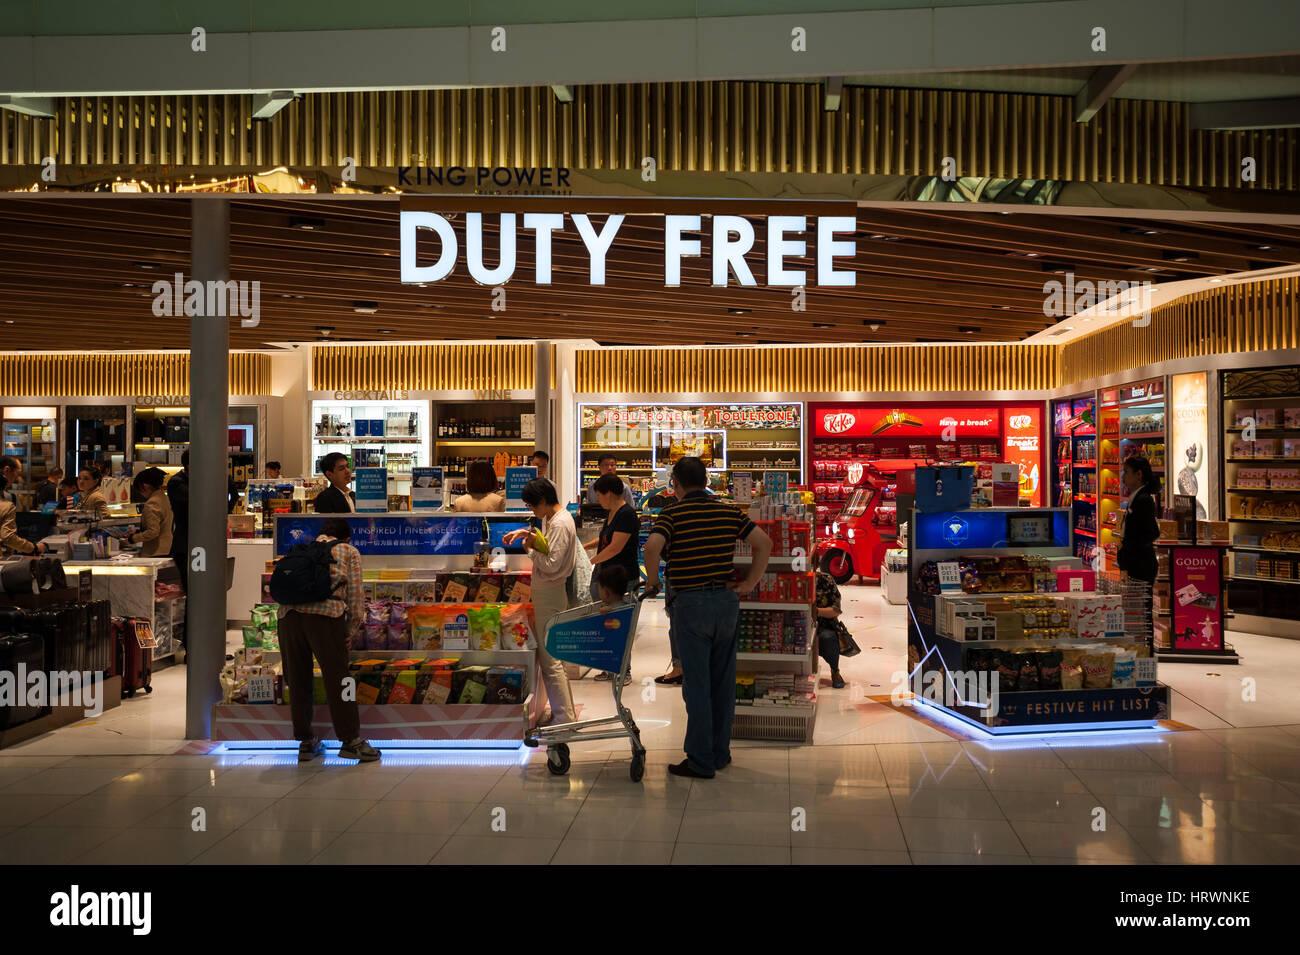 25.01.2017, Bangkok, Thailandia, Asia - un negozio duty free nell'area di transito a Bangkok Suvarnabhumi Airport. Immagini Stock